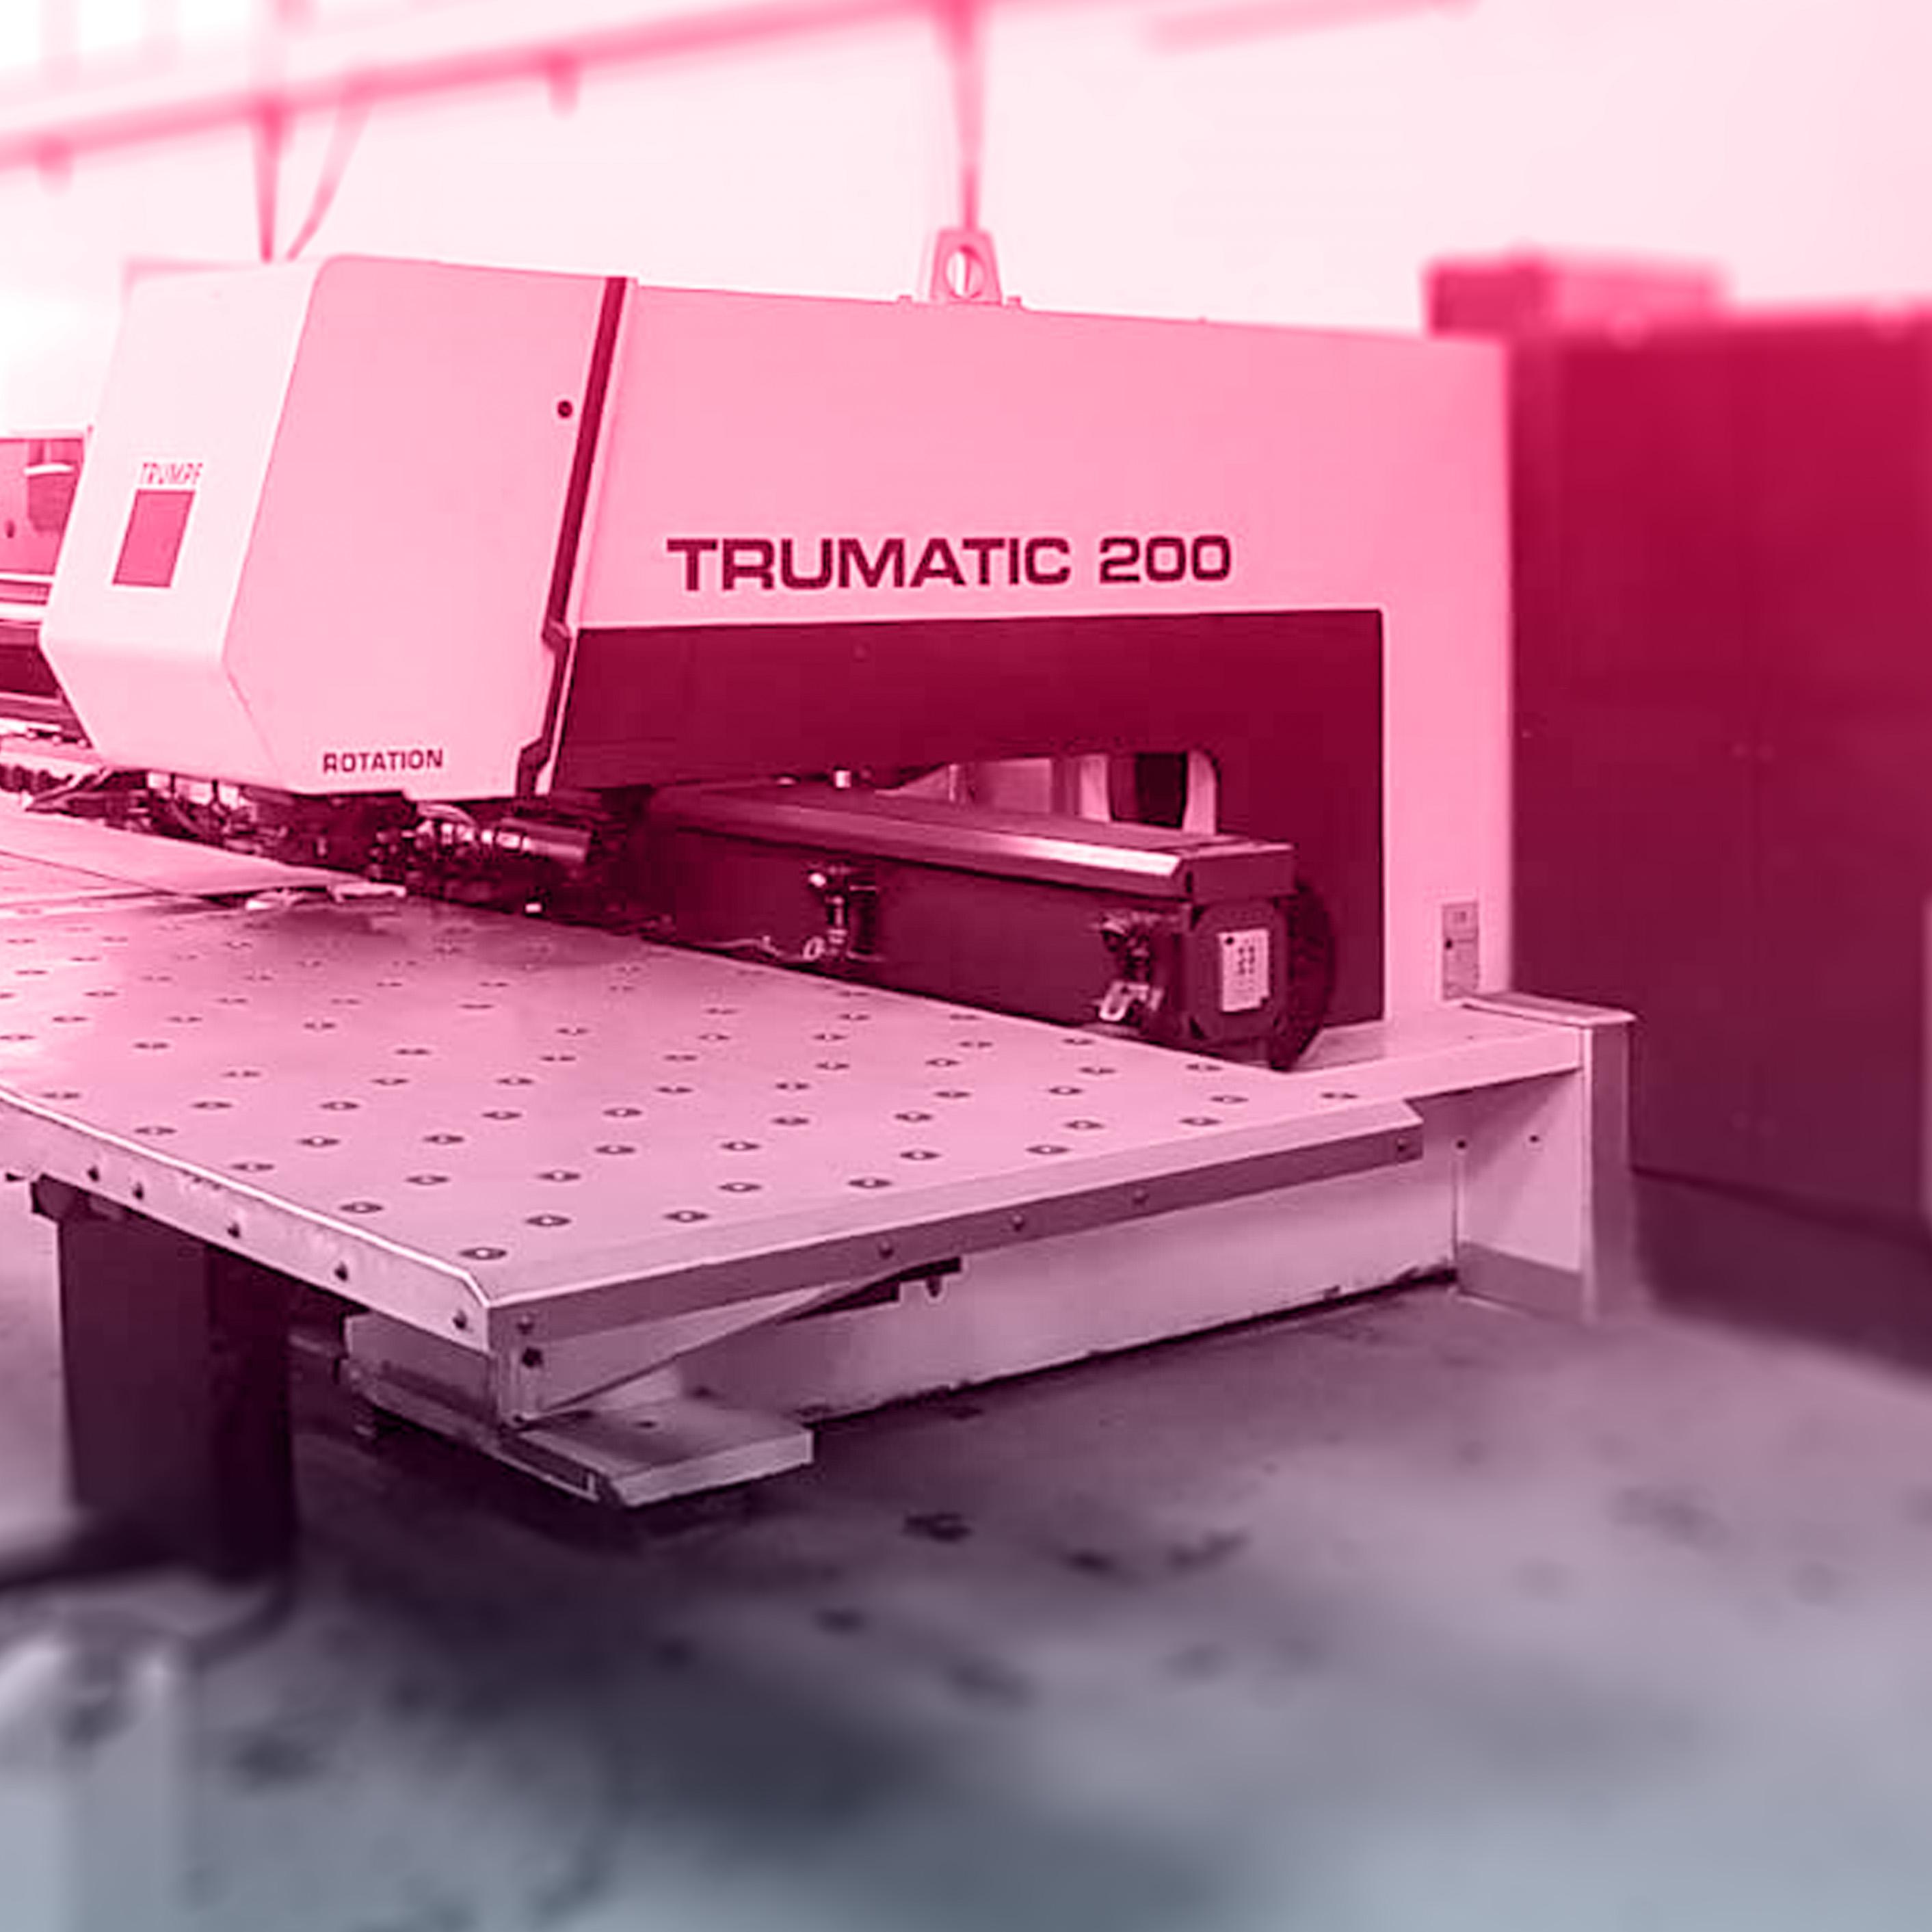 trumatic 200